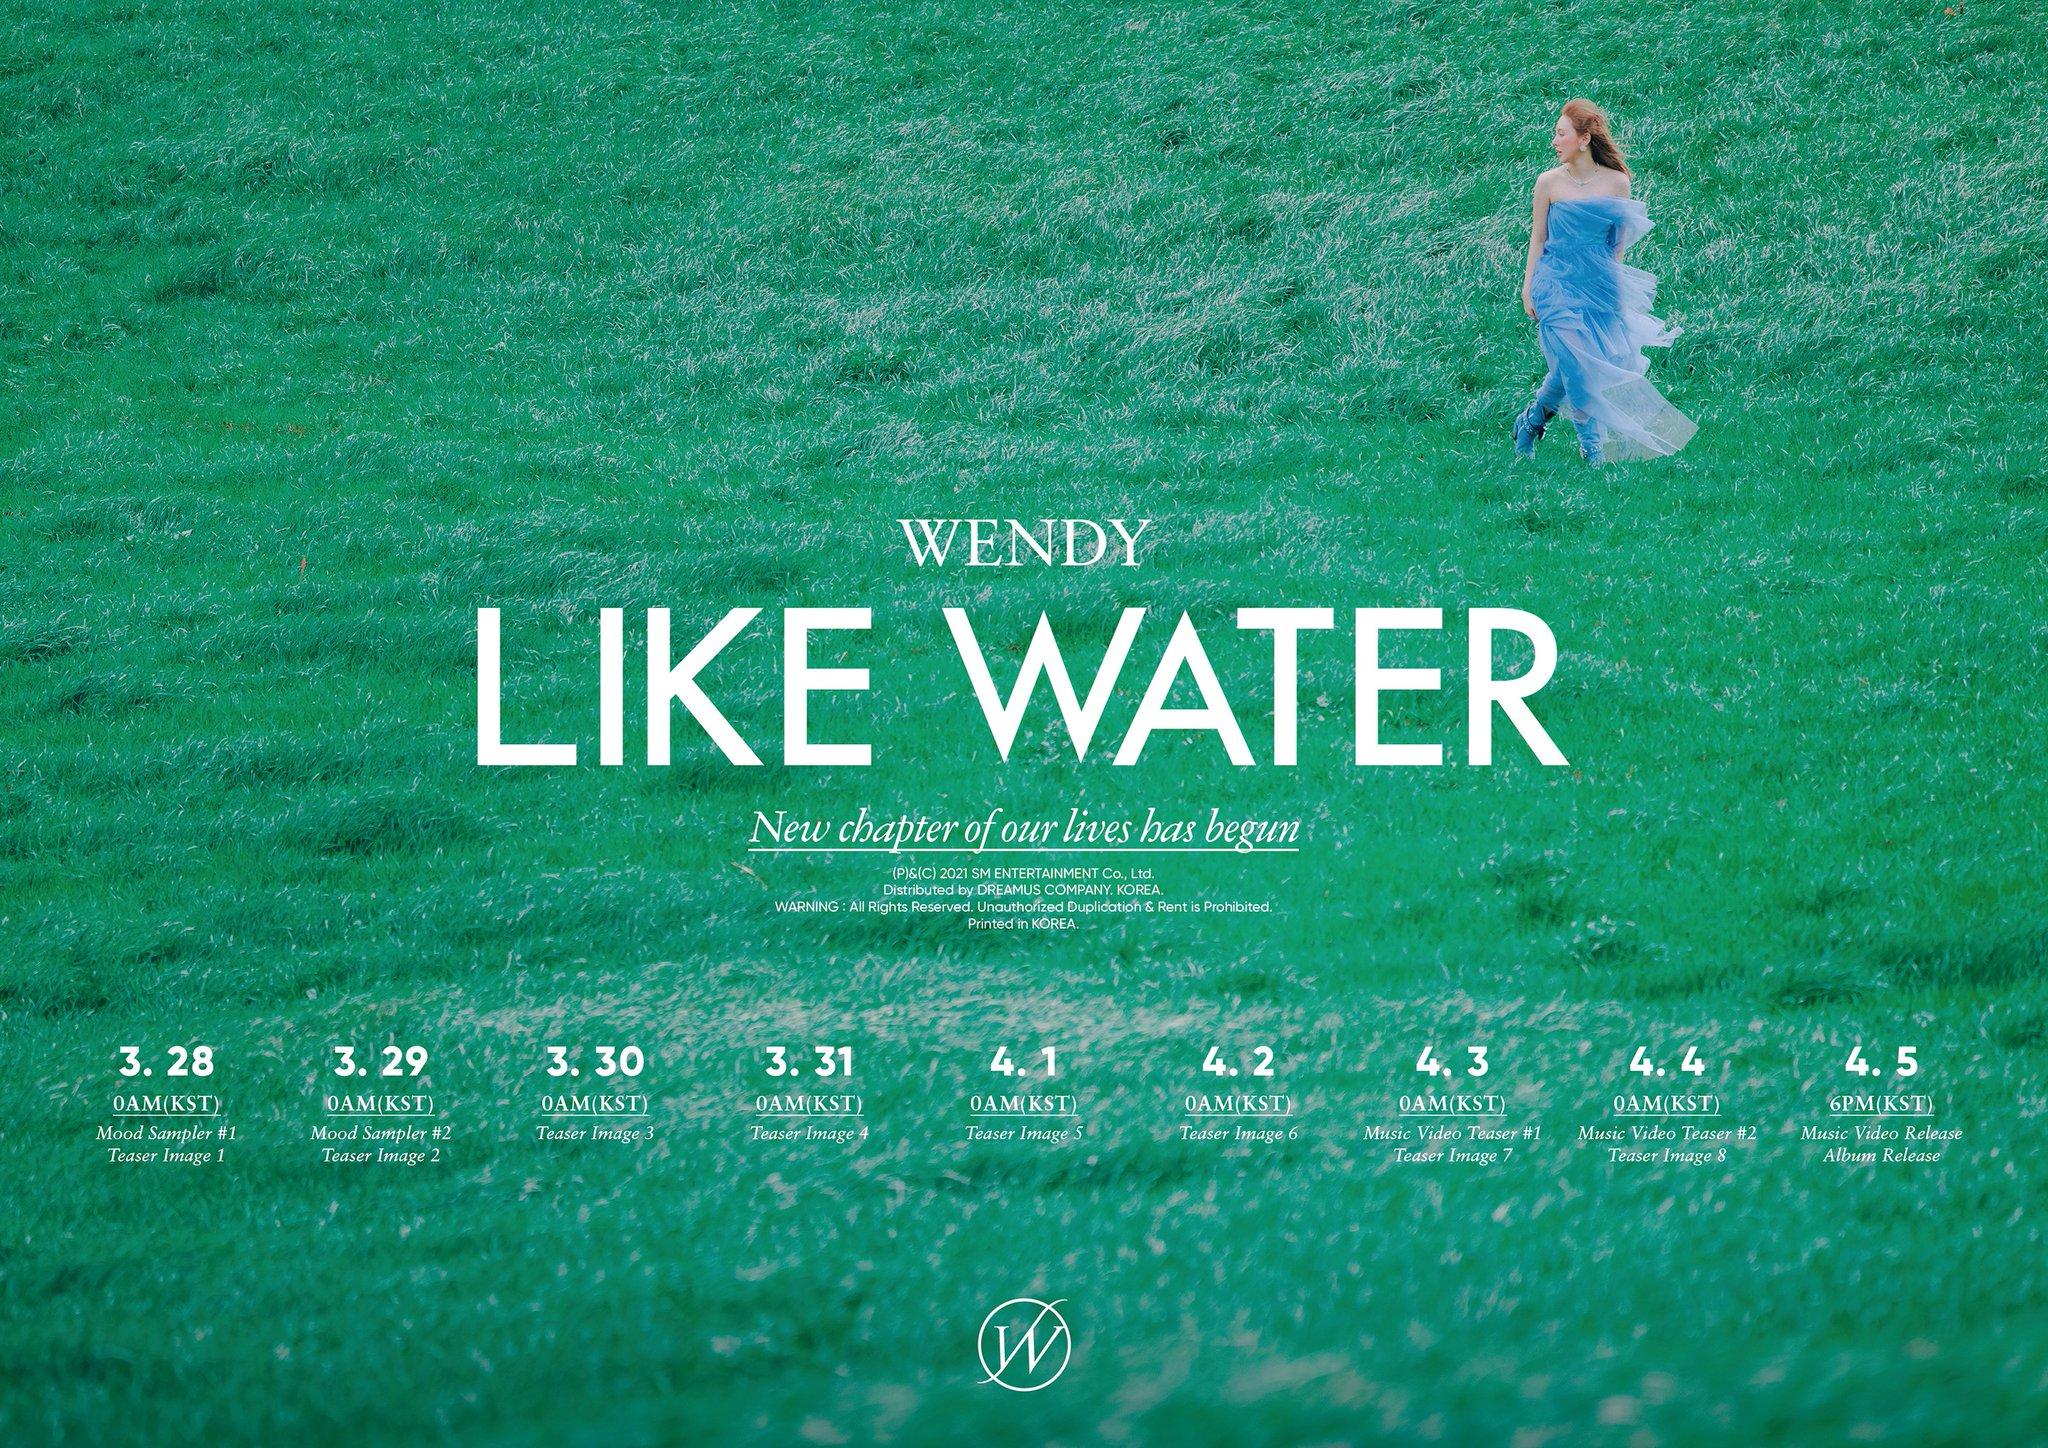 Wendy Teaser Schedule